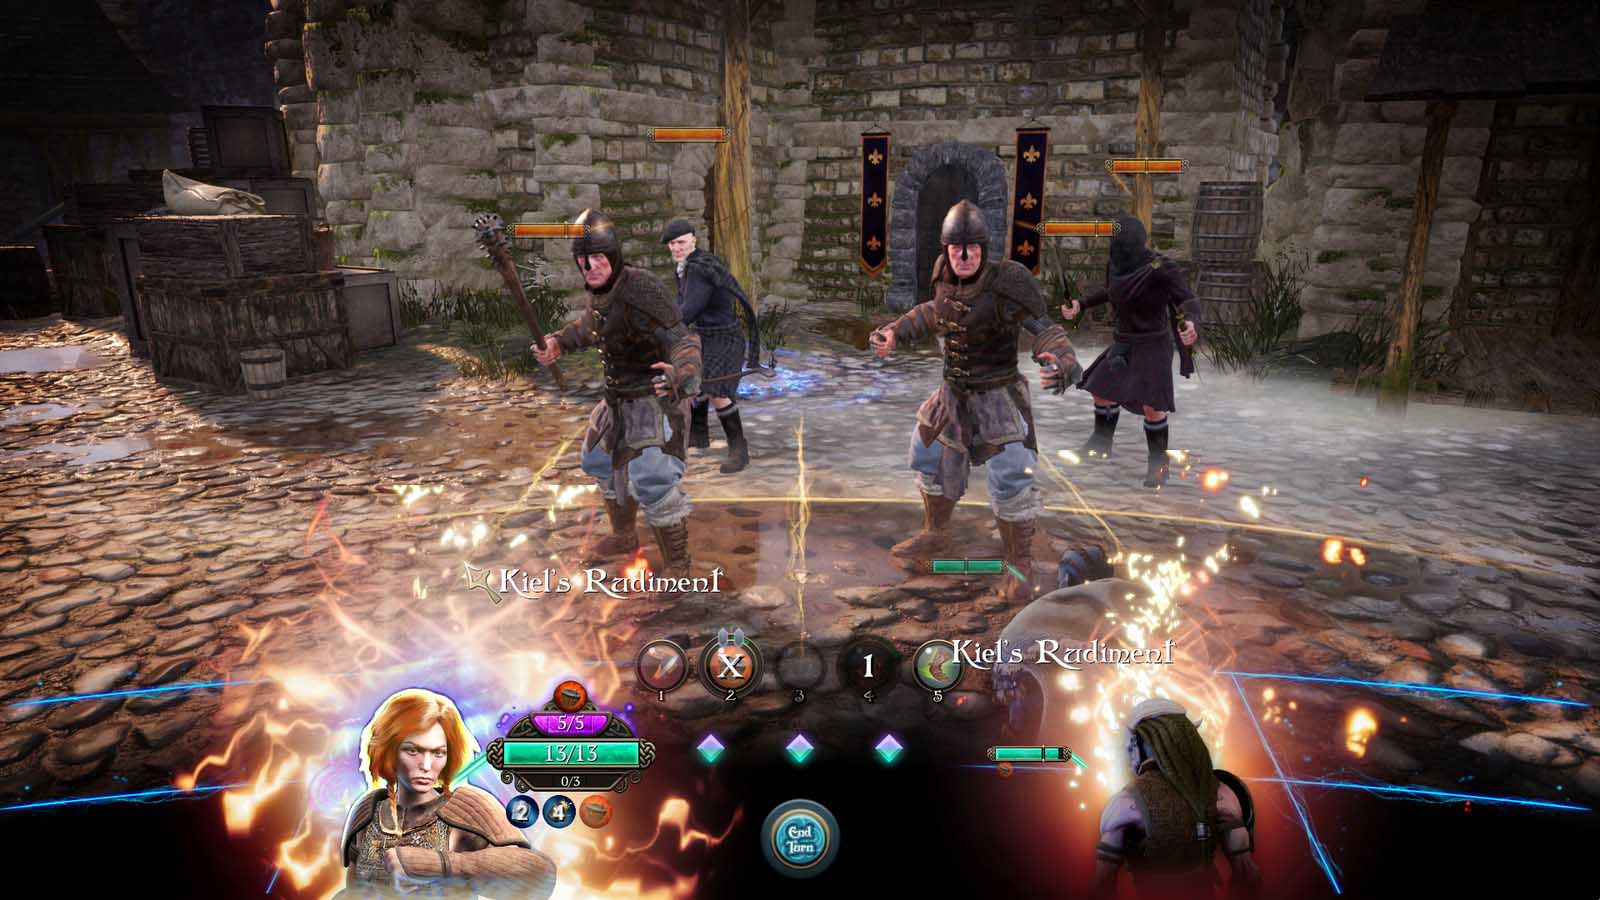 Lo nuevo de inXile, The Bard's Tale IV, llegaría a Xbox One en 2019